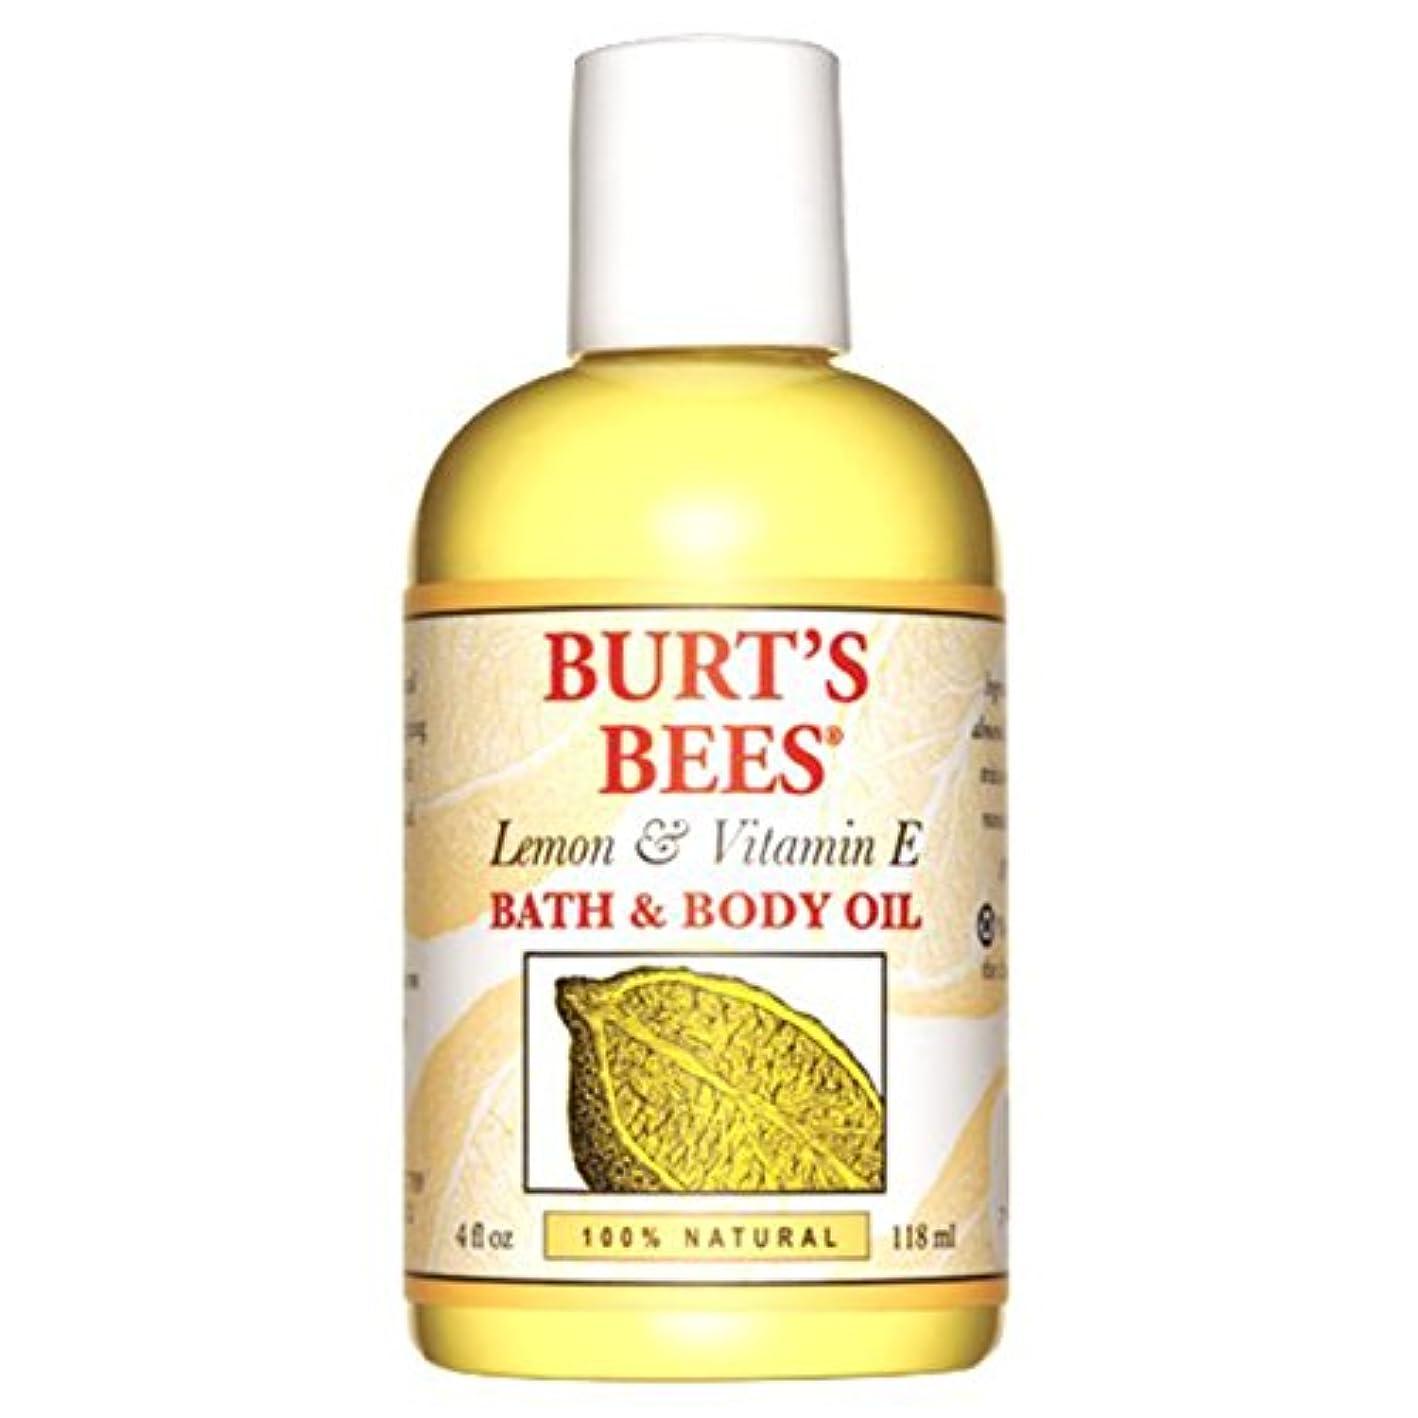 ラッシュ調査必要条件バーツビーズ (Burt's Bees) L&E バス&ボディオイル 118ml